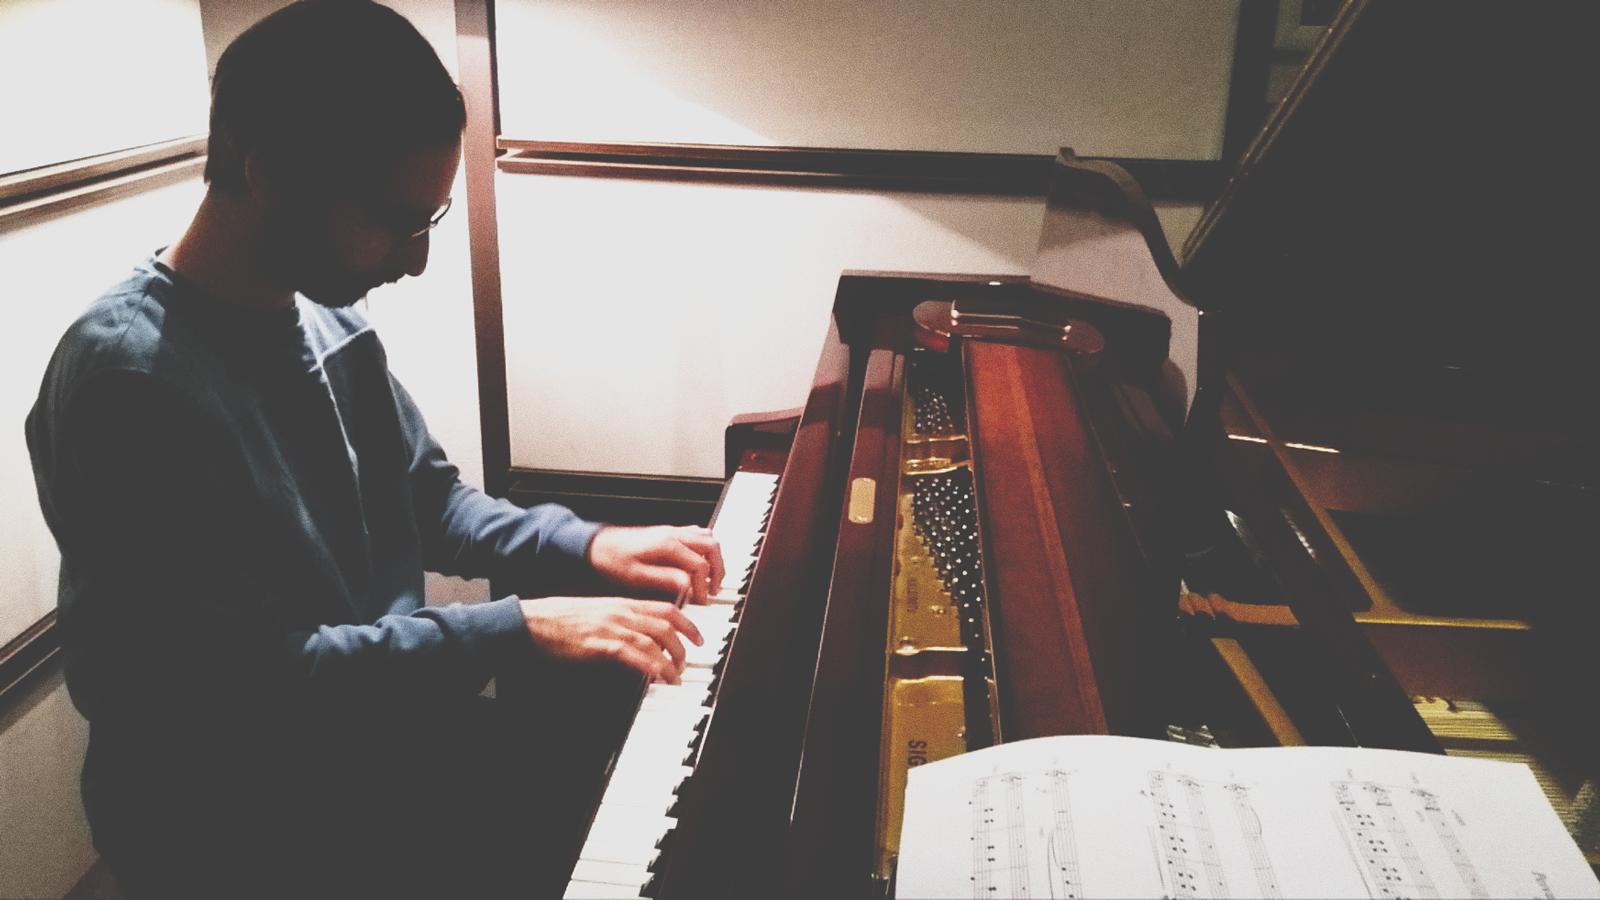 عماد ساعدی، استودیو کرگدن، ضبط موسیقی ماهنامه پیوست